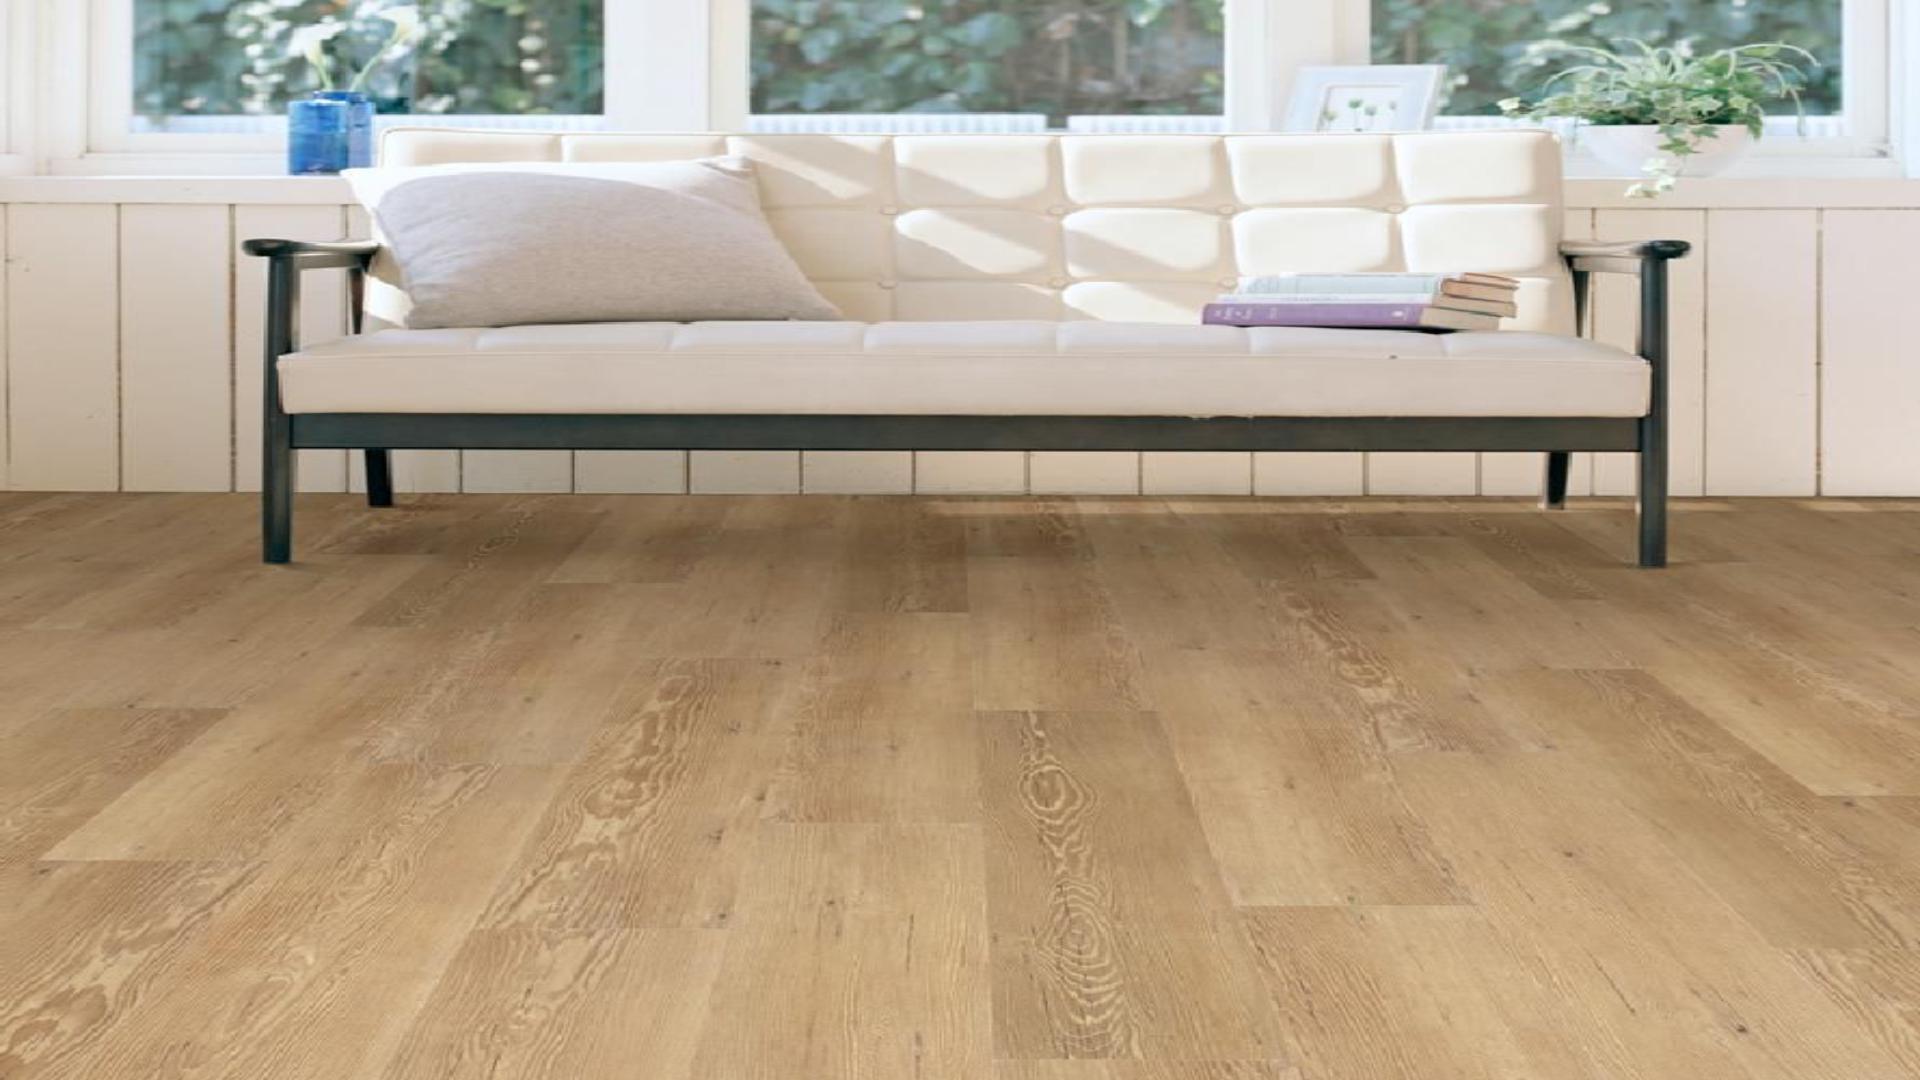 Scratch Resistant Waterproof Hard Surface Flooring